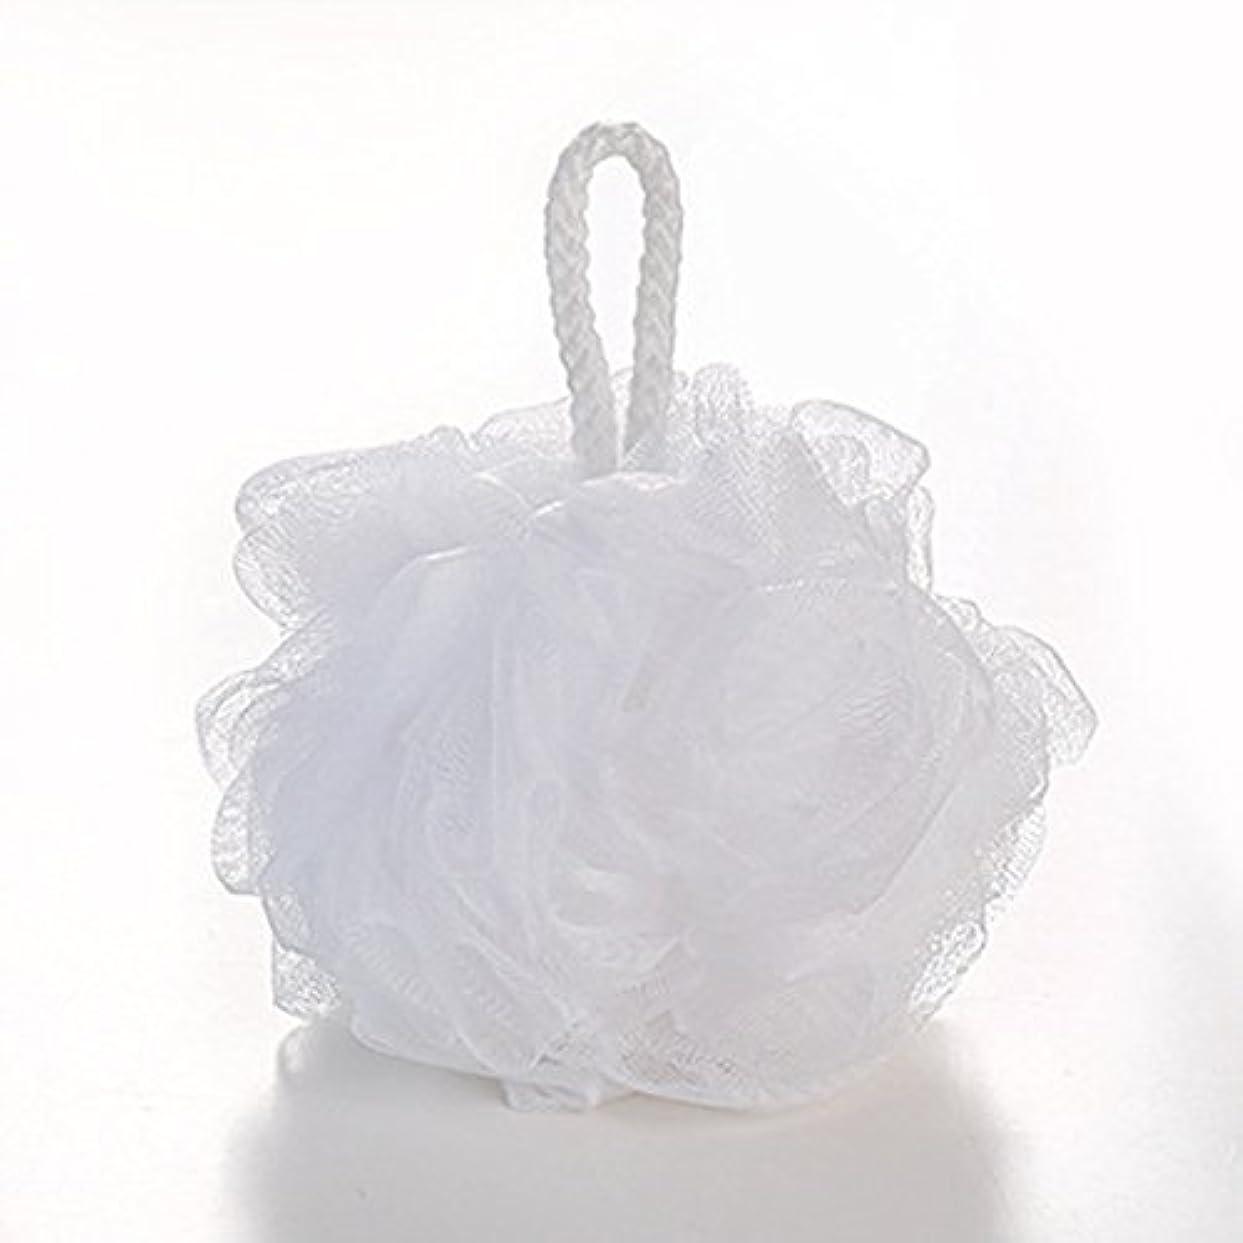 契約する組み込むあさりAMAA 泡立てネット ボディ 花形 ふわわん フラワー バス  (白)